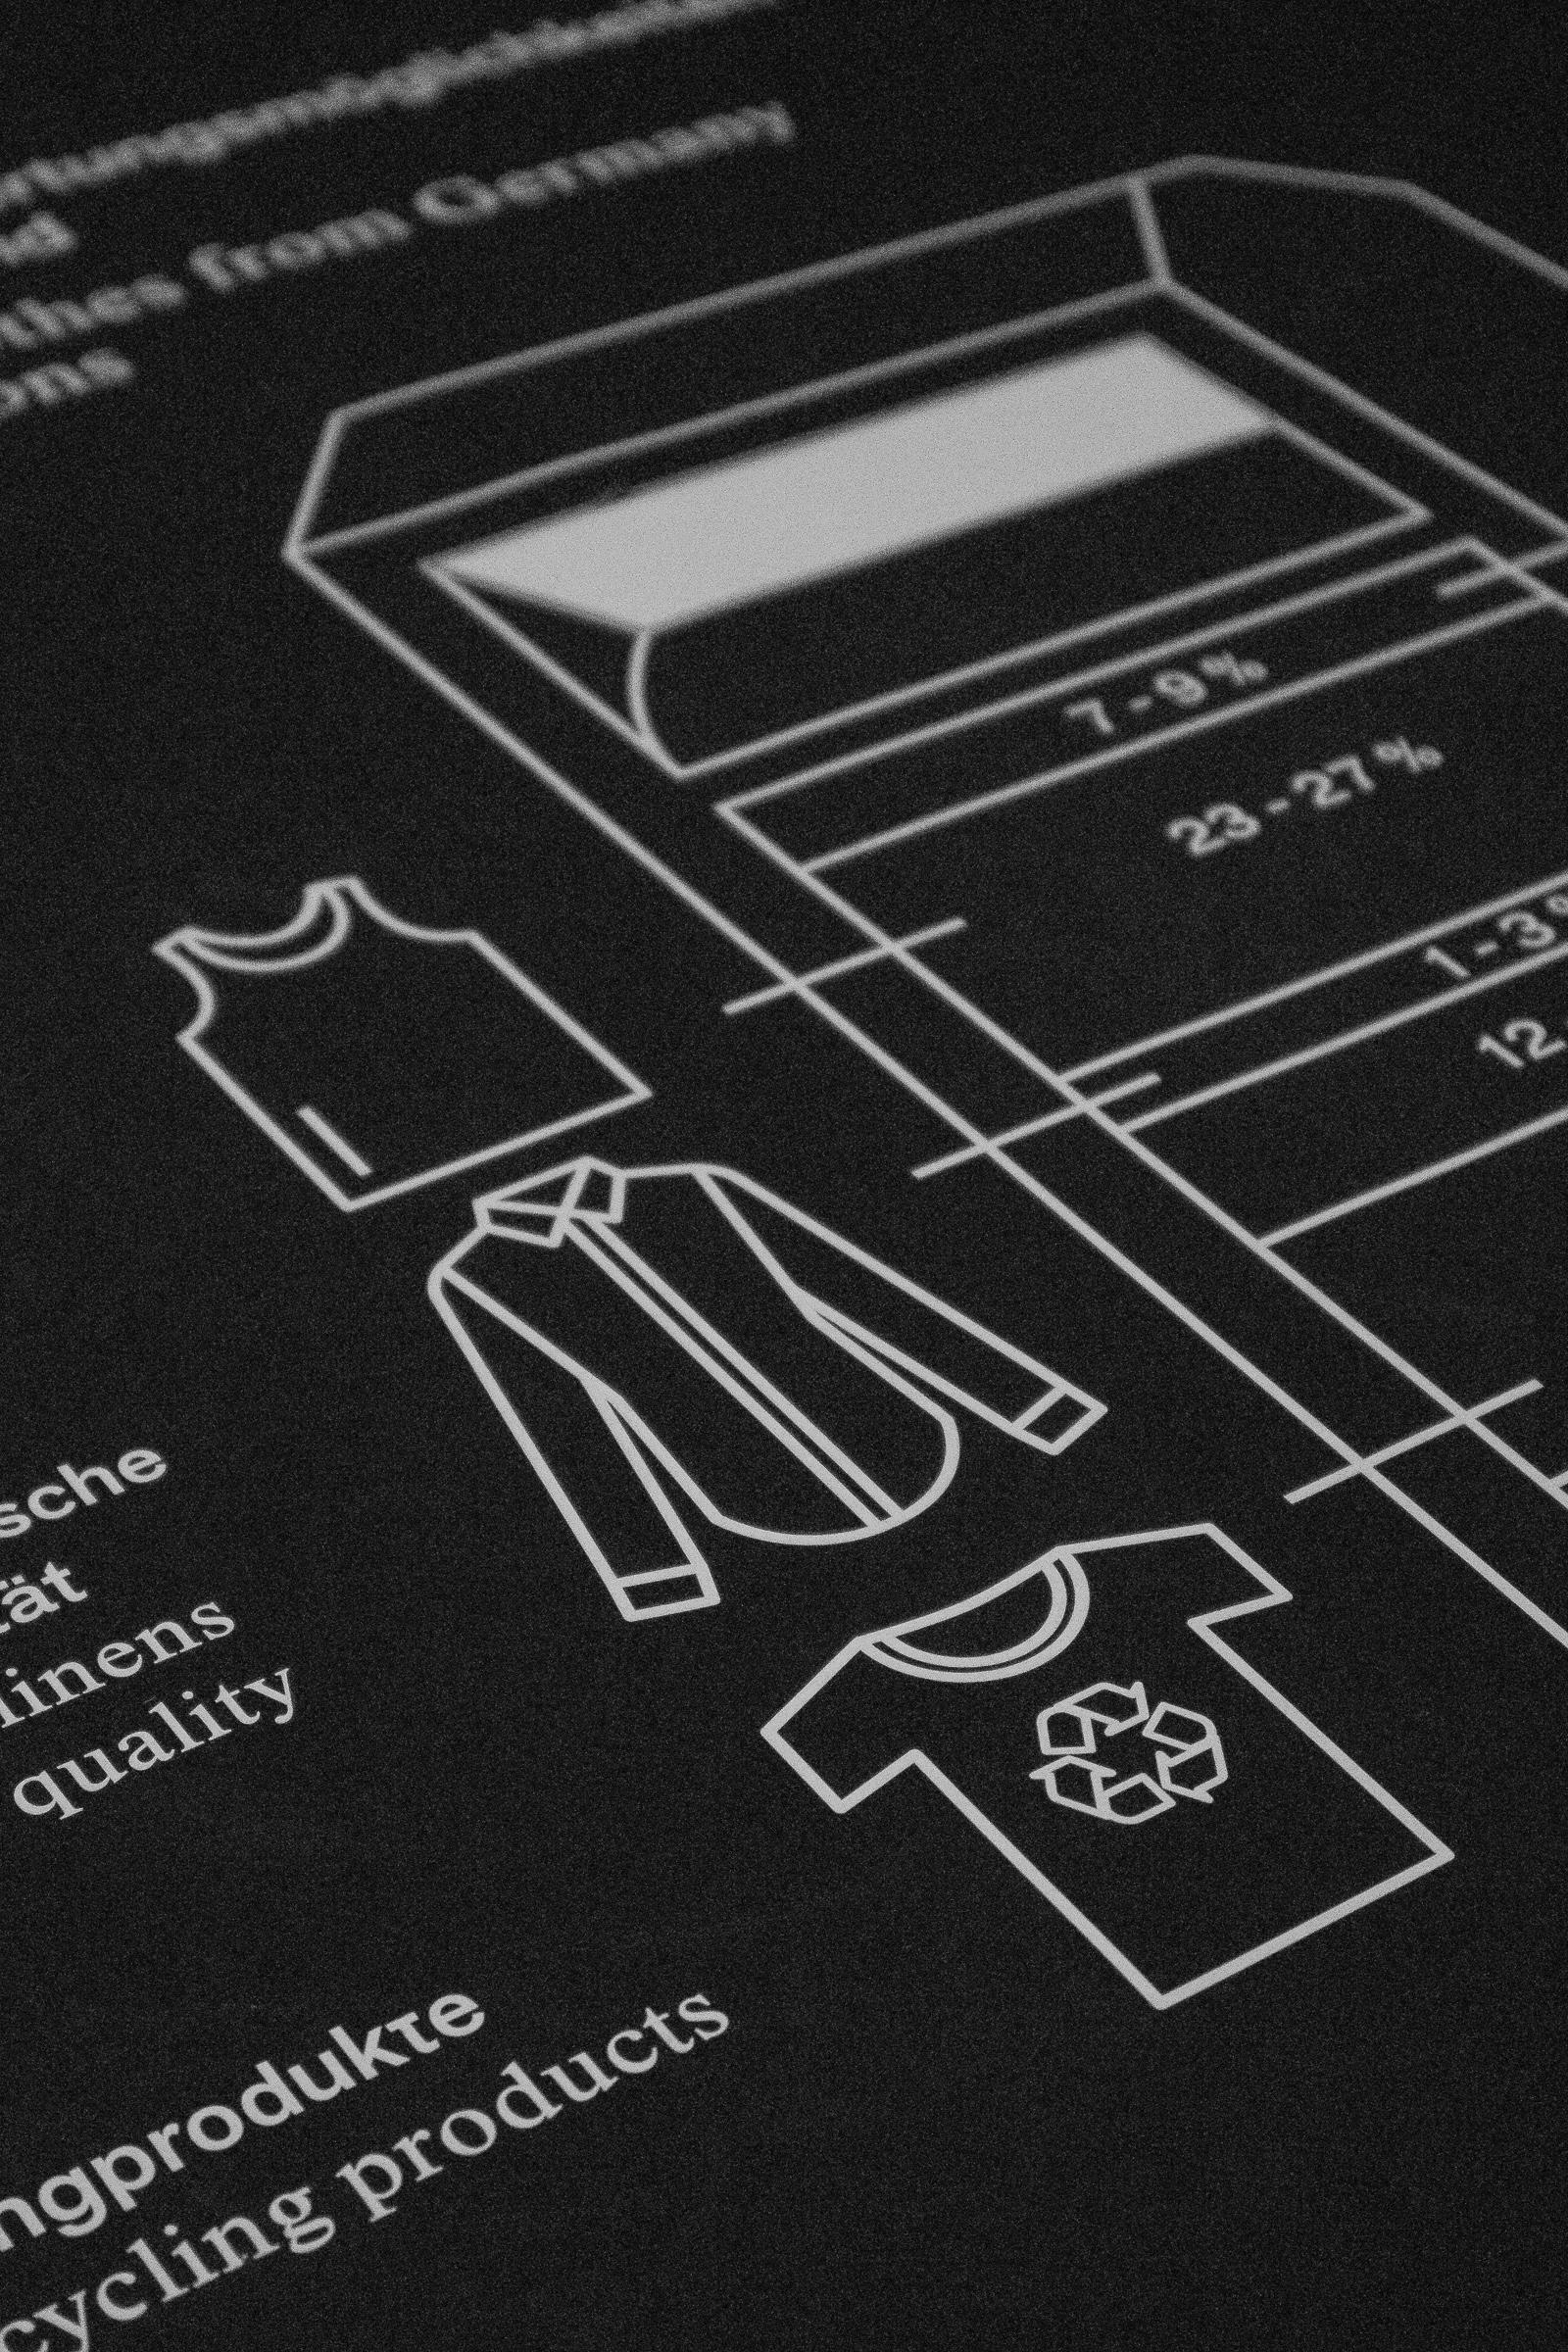 rautenstrauch-joest-museum-koeln-fast-fashion-die-schattenseite-der-mode-nachhaltigkeit